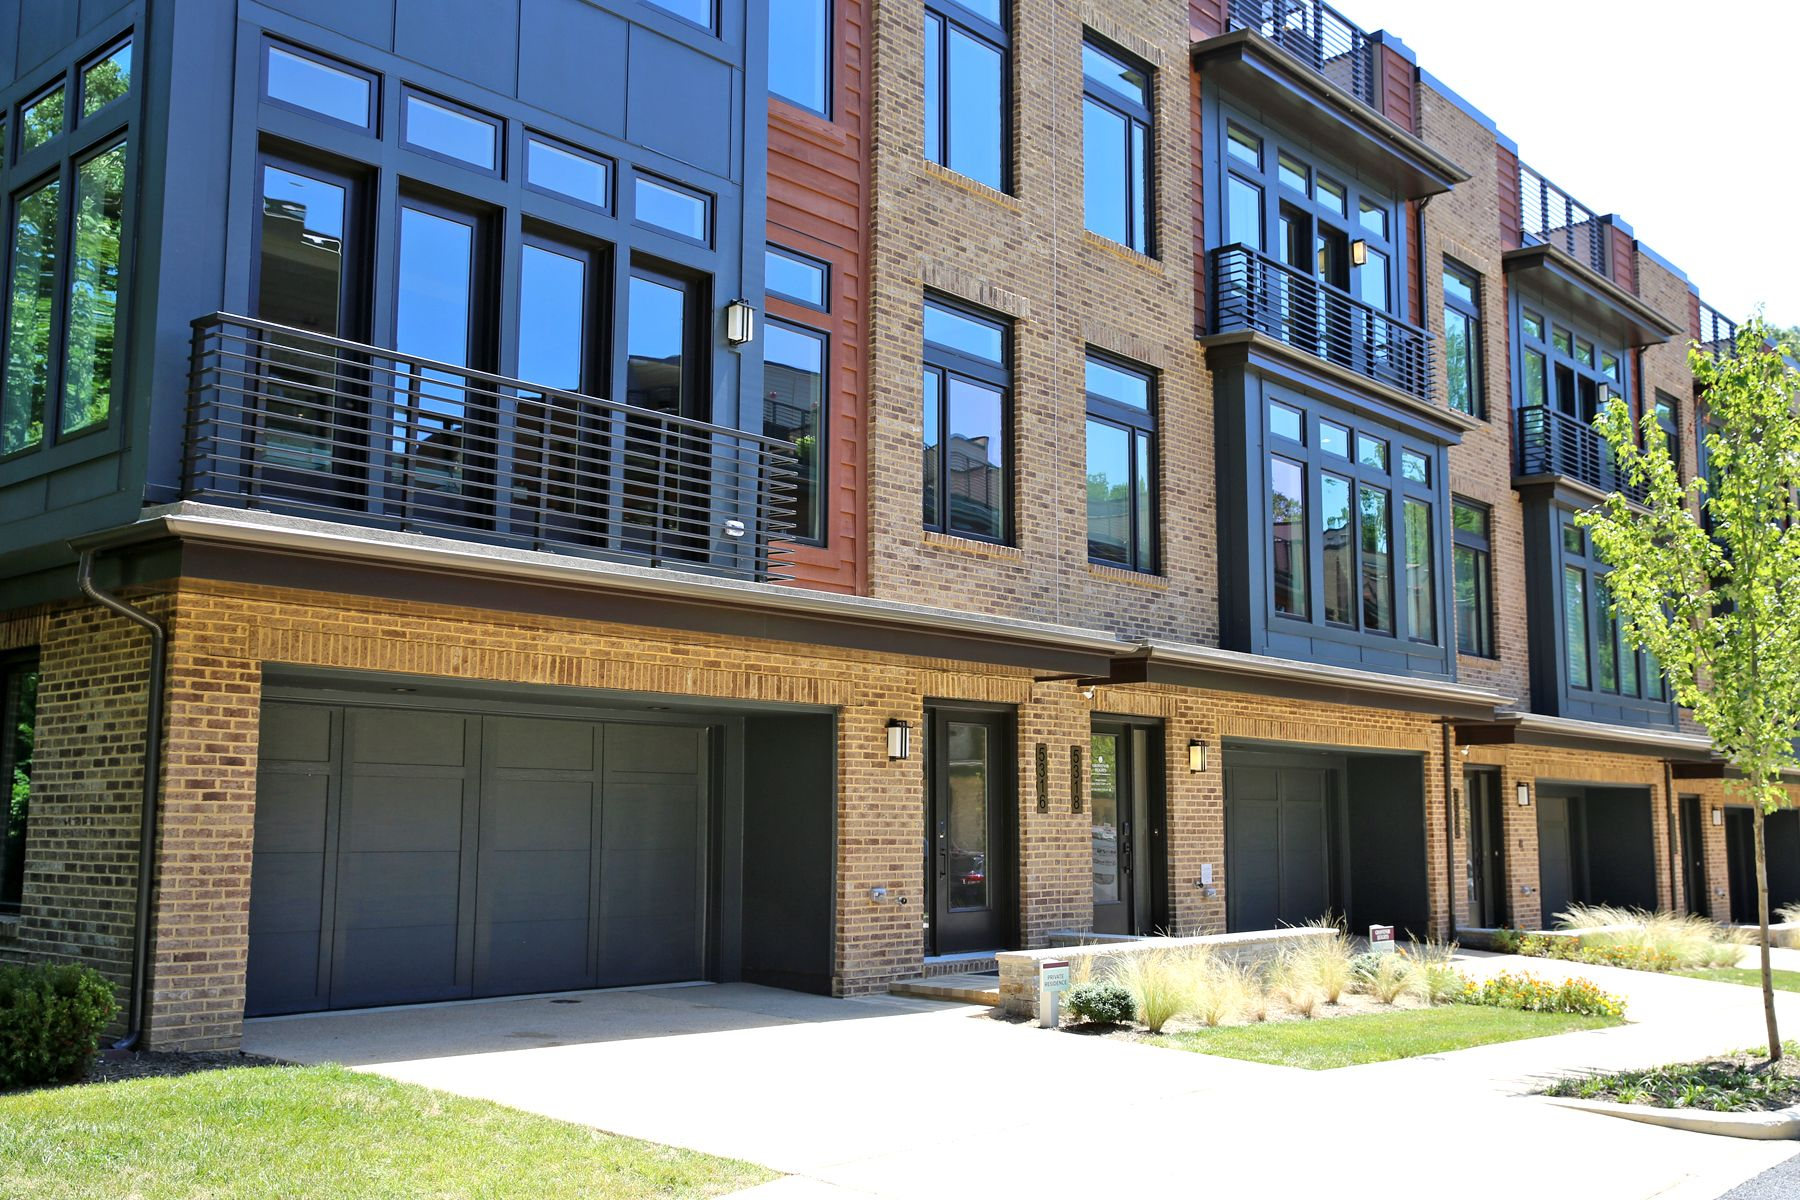 Attractive Overhead Door Company Of Washington, DC Is Proud To Provide The Garage Doors  U0026 Openers